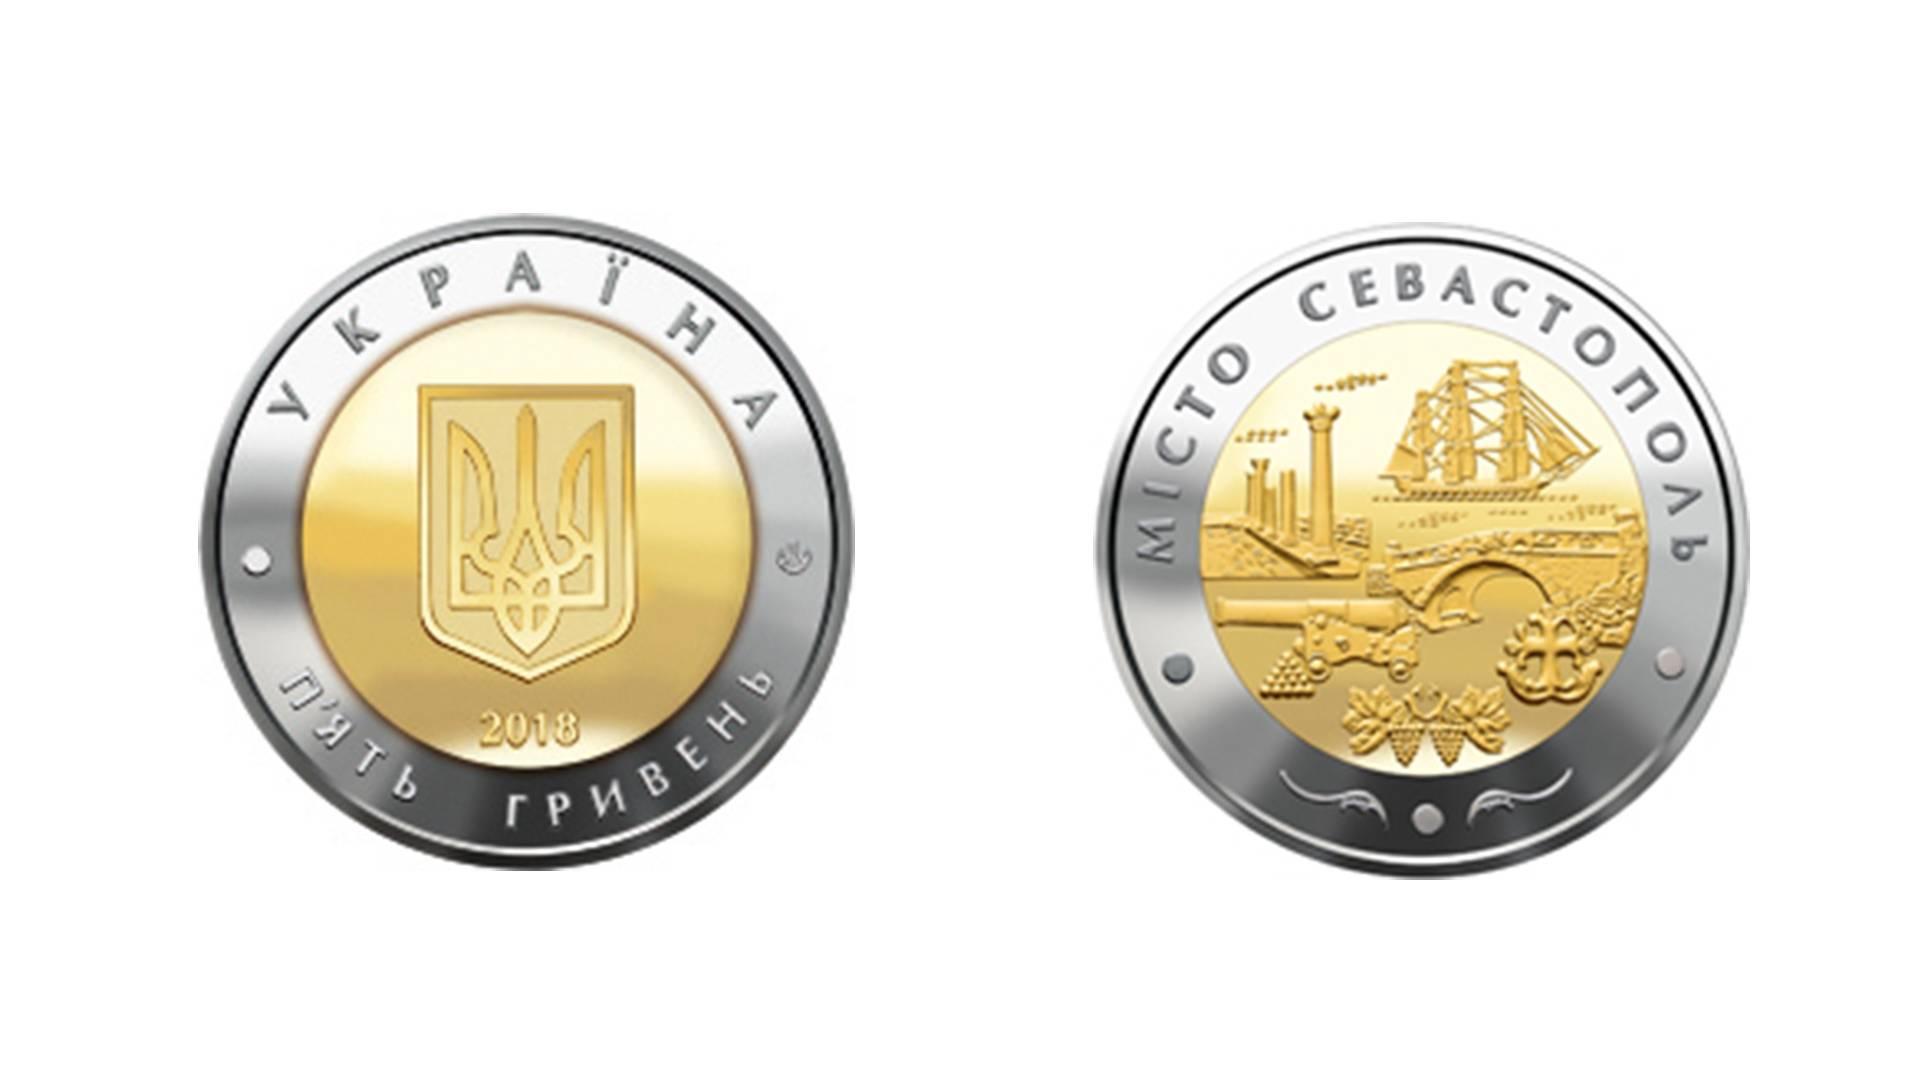 Нова монета номіналом 5 гривень, присвячена Севастополю